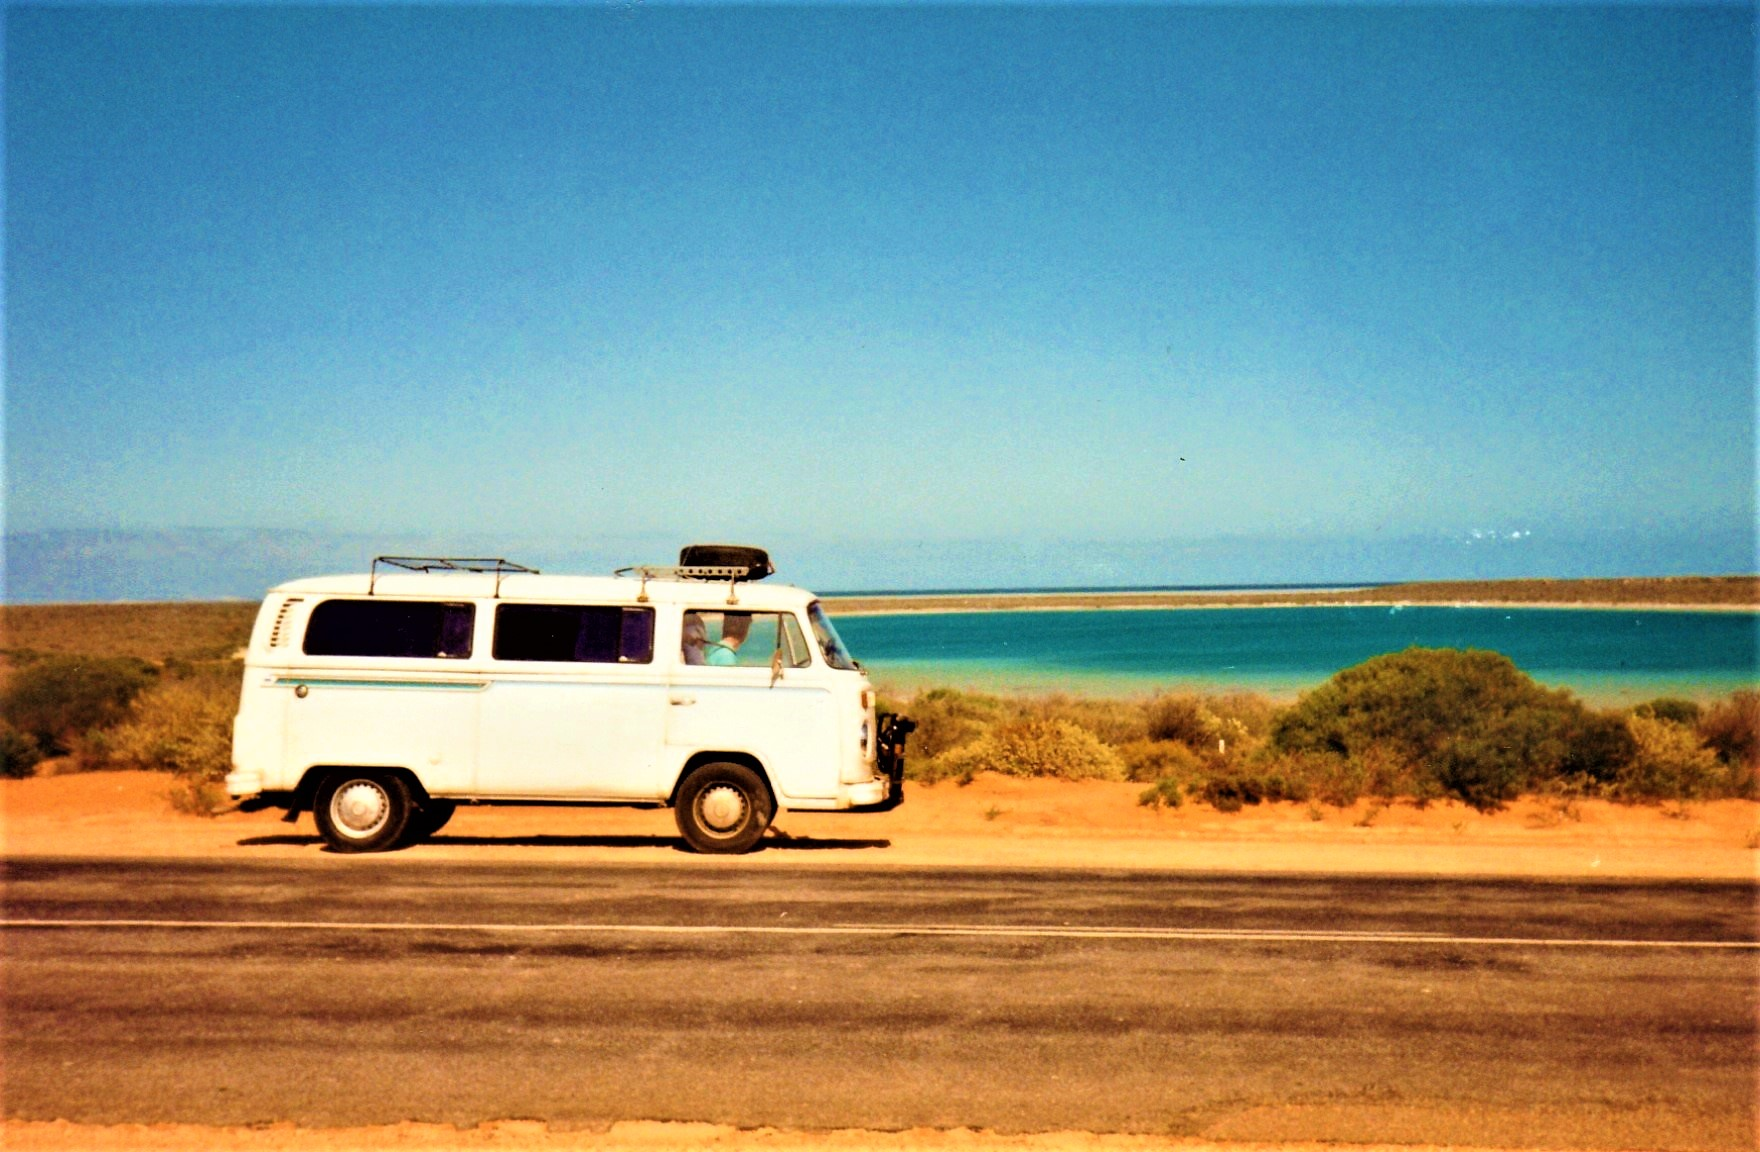 Australia Kombi Little Lagoon 92 solo